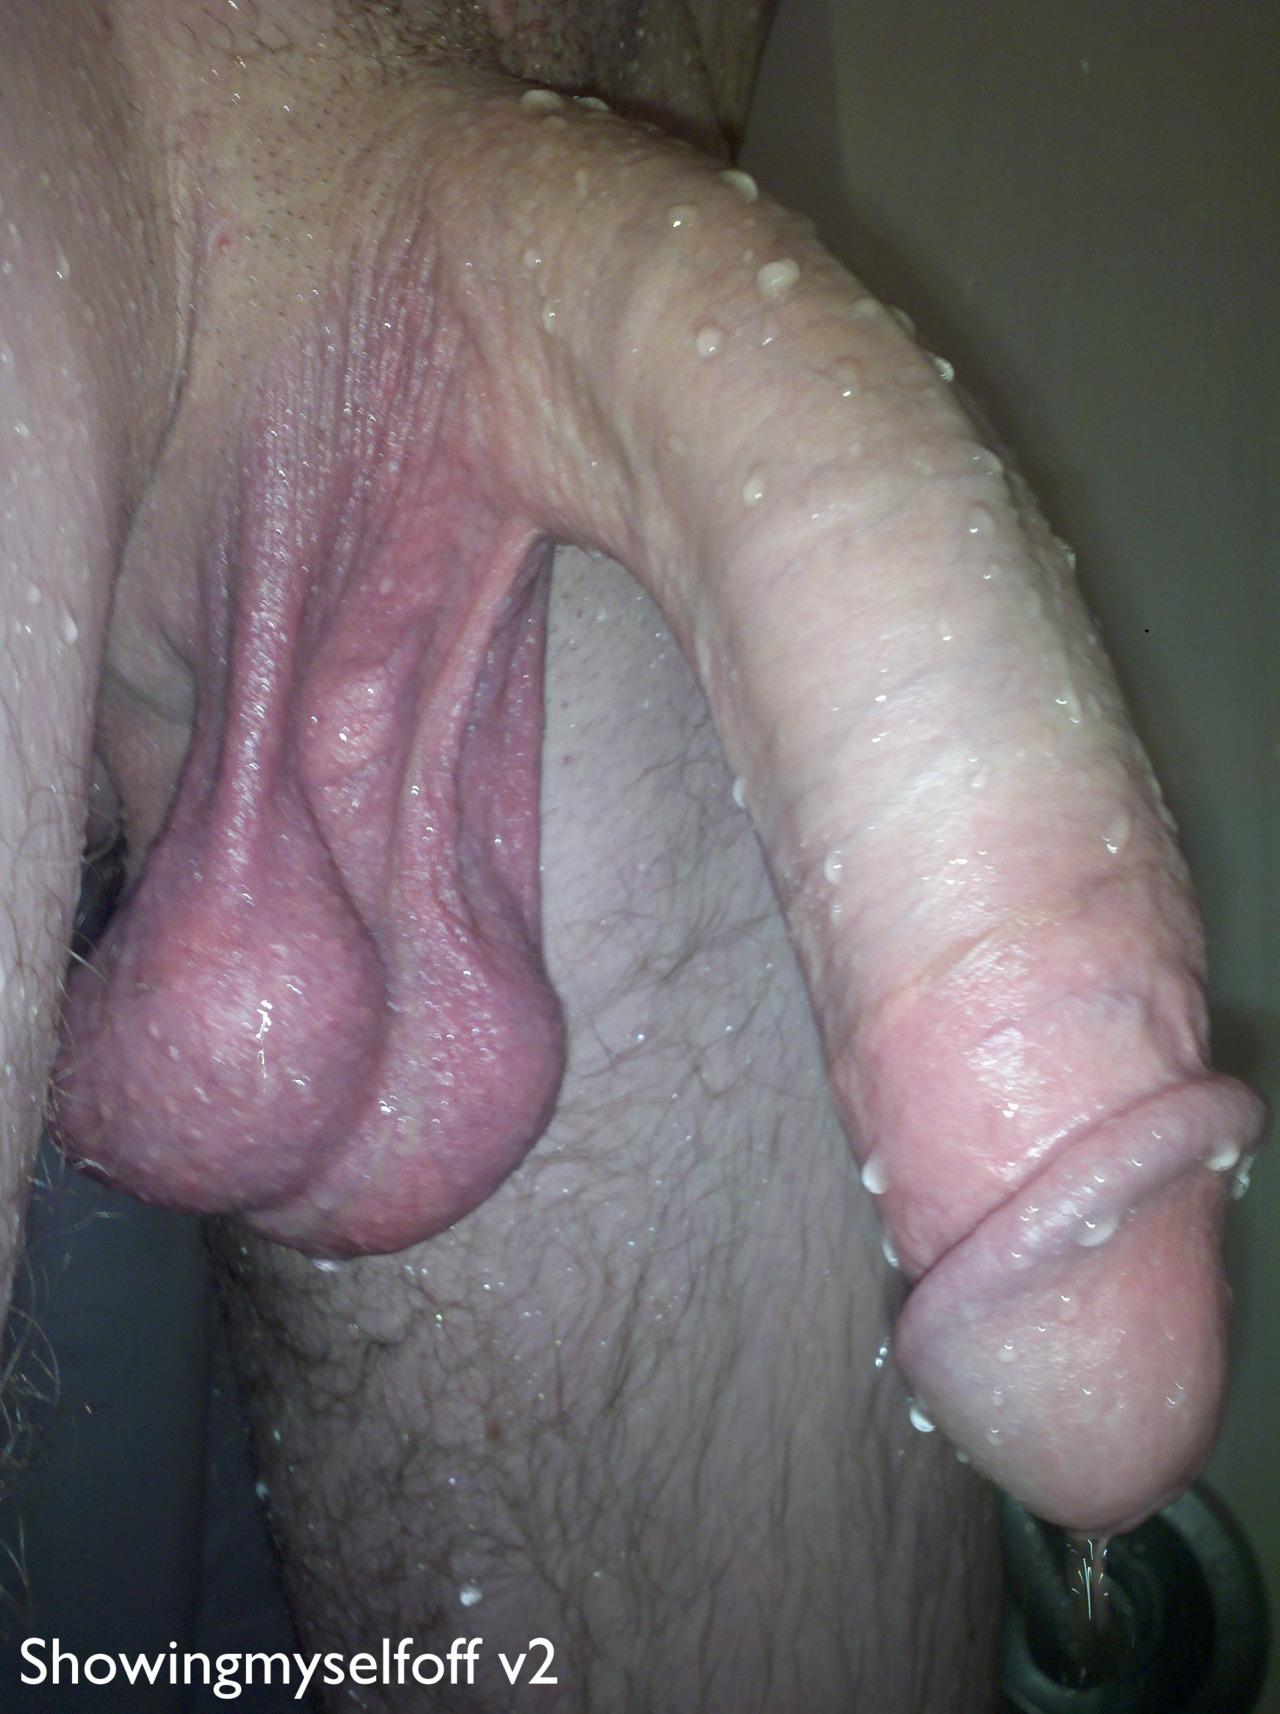 виды полового члена на фото